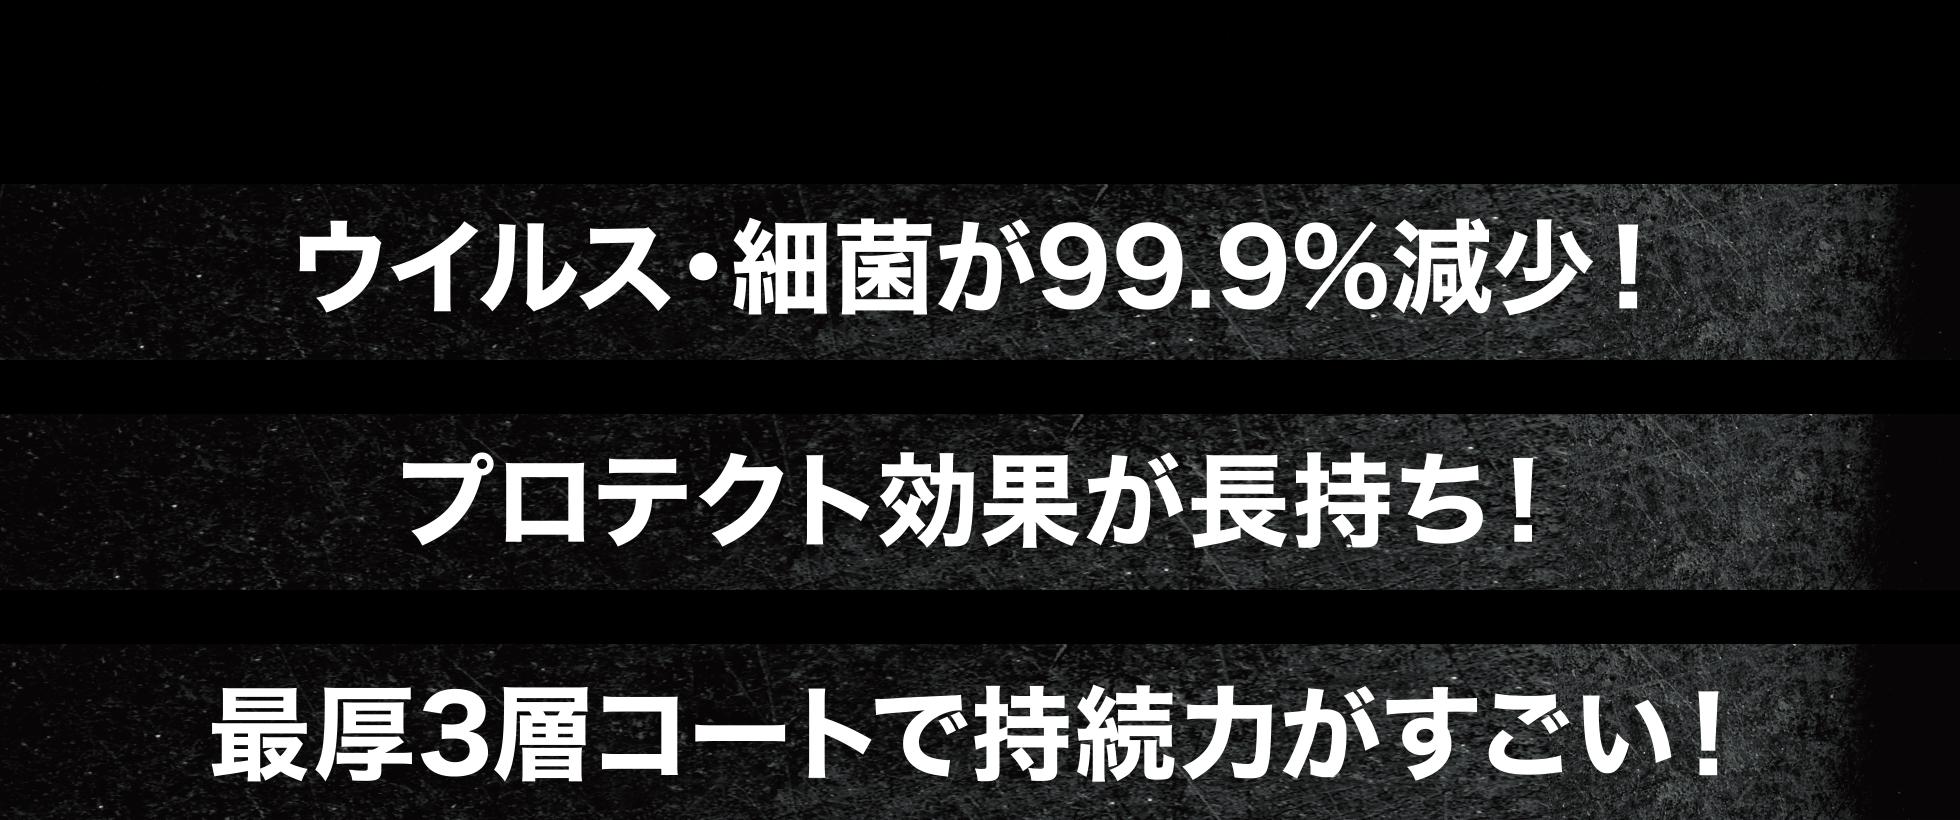 XG-プロテクト効果(3層コーティング)